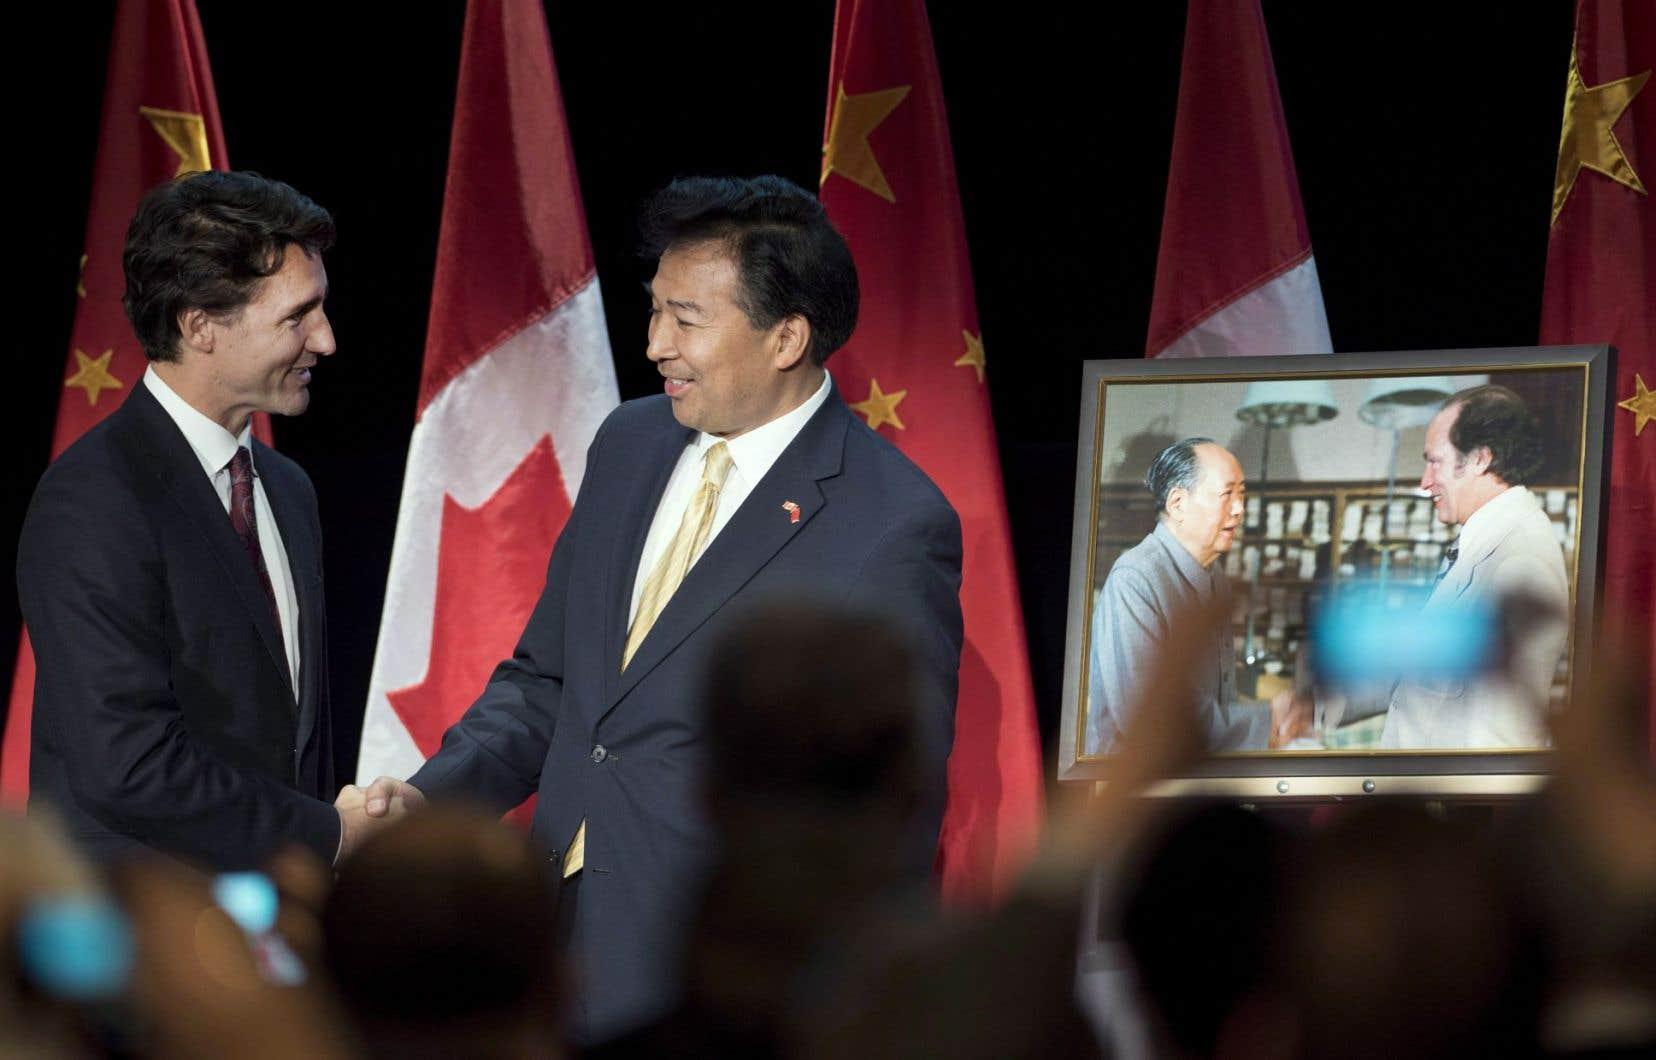 Le premier ministre Justin Trudeau a remercié l'ambassadeur chinois au Canada, Luo Zhaohui, en janvier2016 à Ottawa, après que ce dernier lui eut offert un portrait de son père, Pierre Elliott Trudeau, rencontrant le dirigeant chinois Mao Zedong.